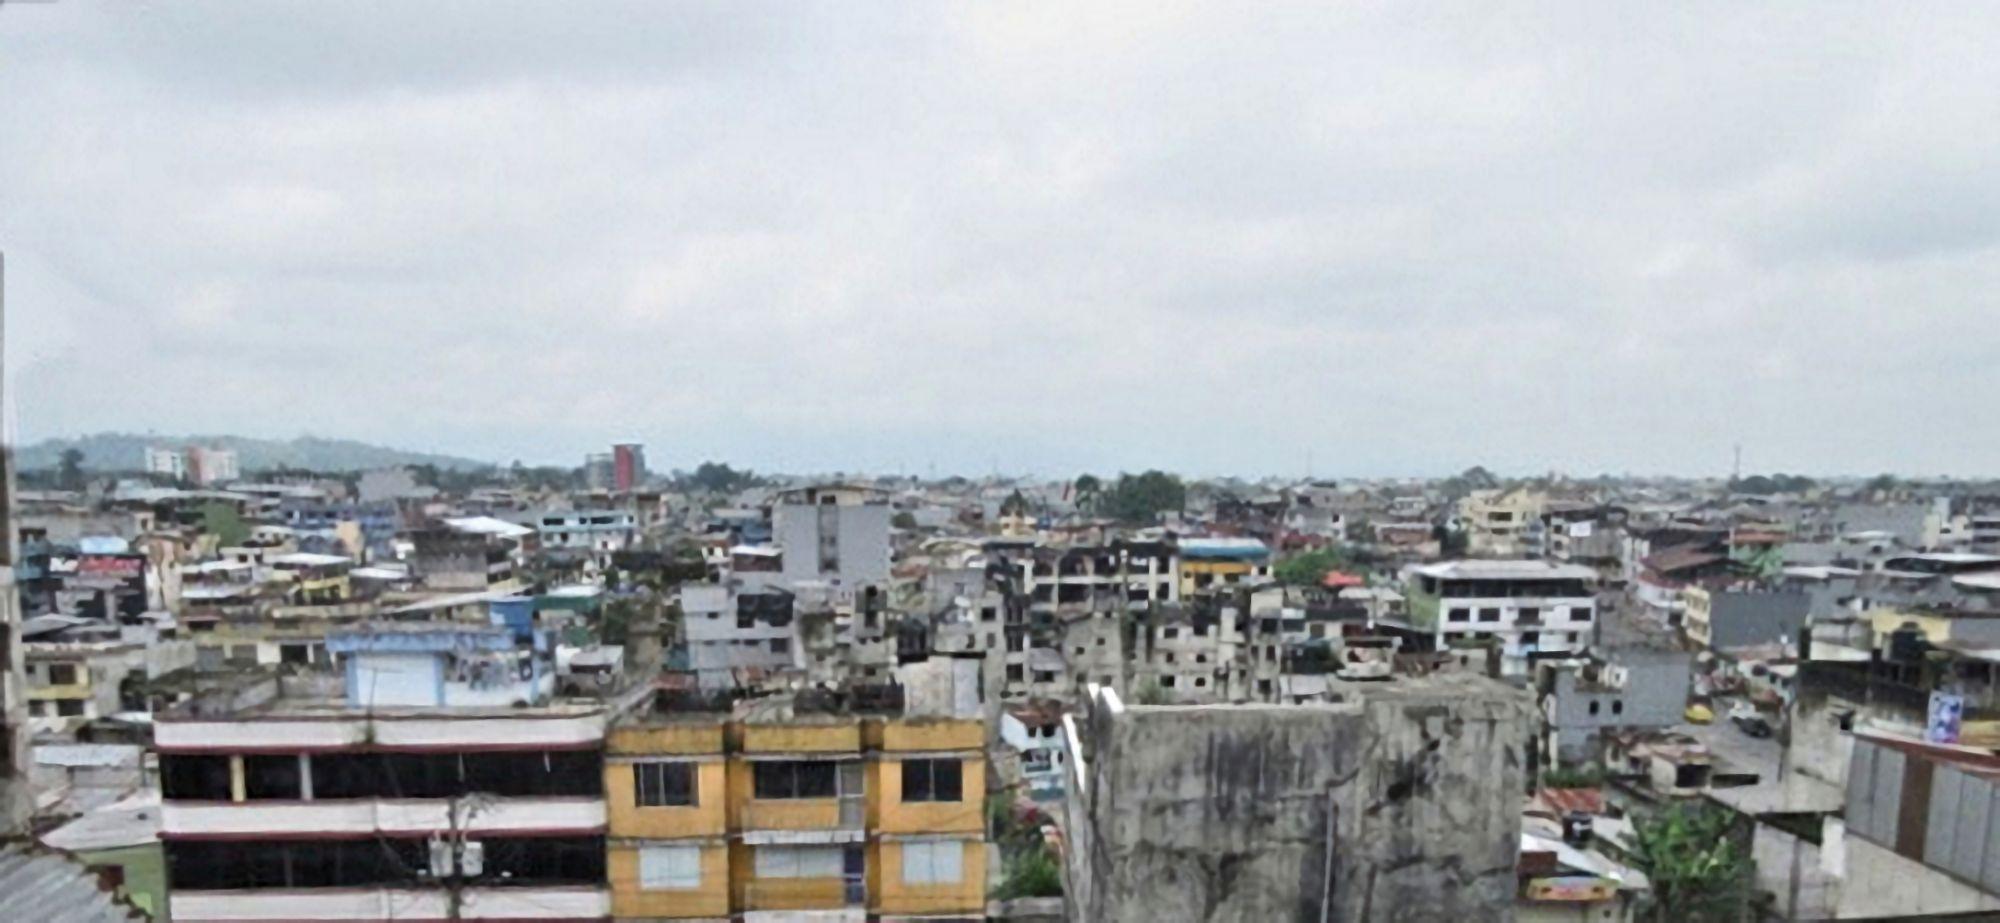 View over Santo Domingo